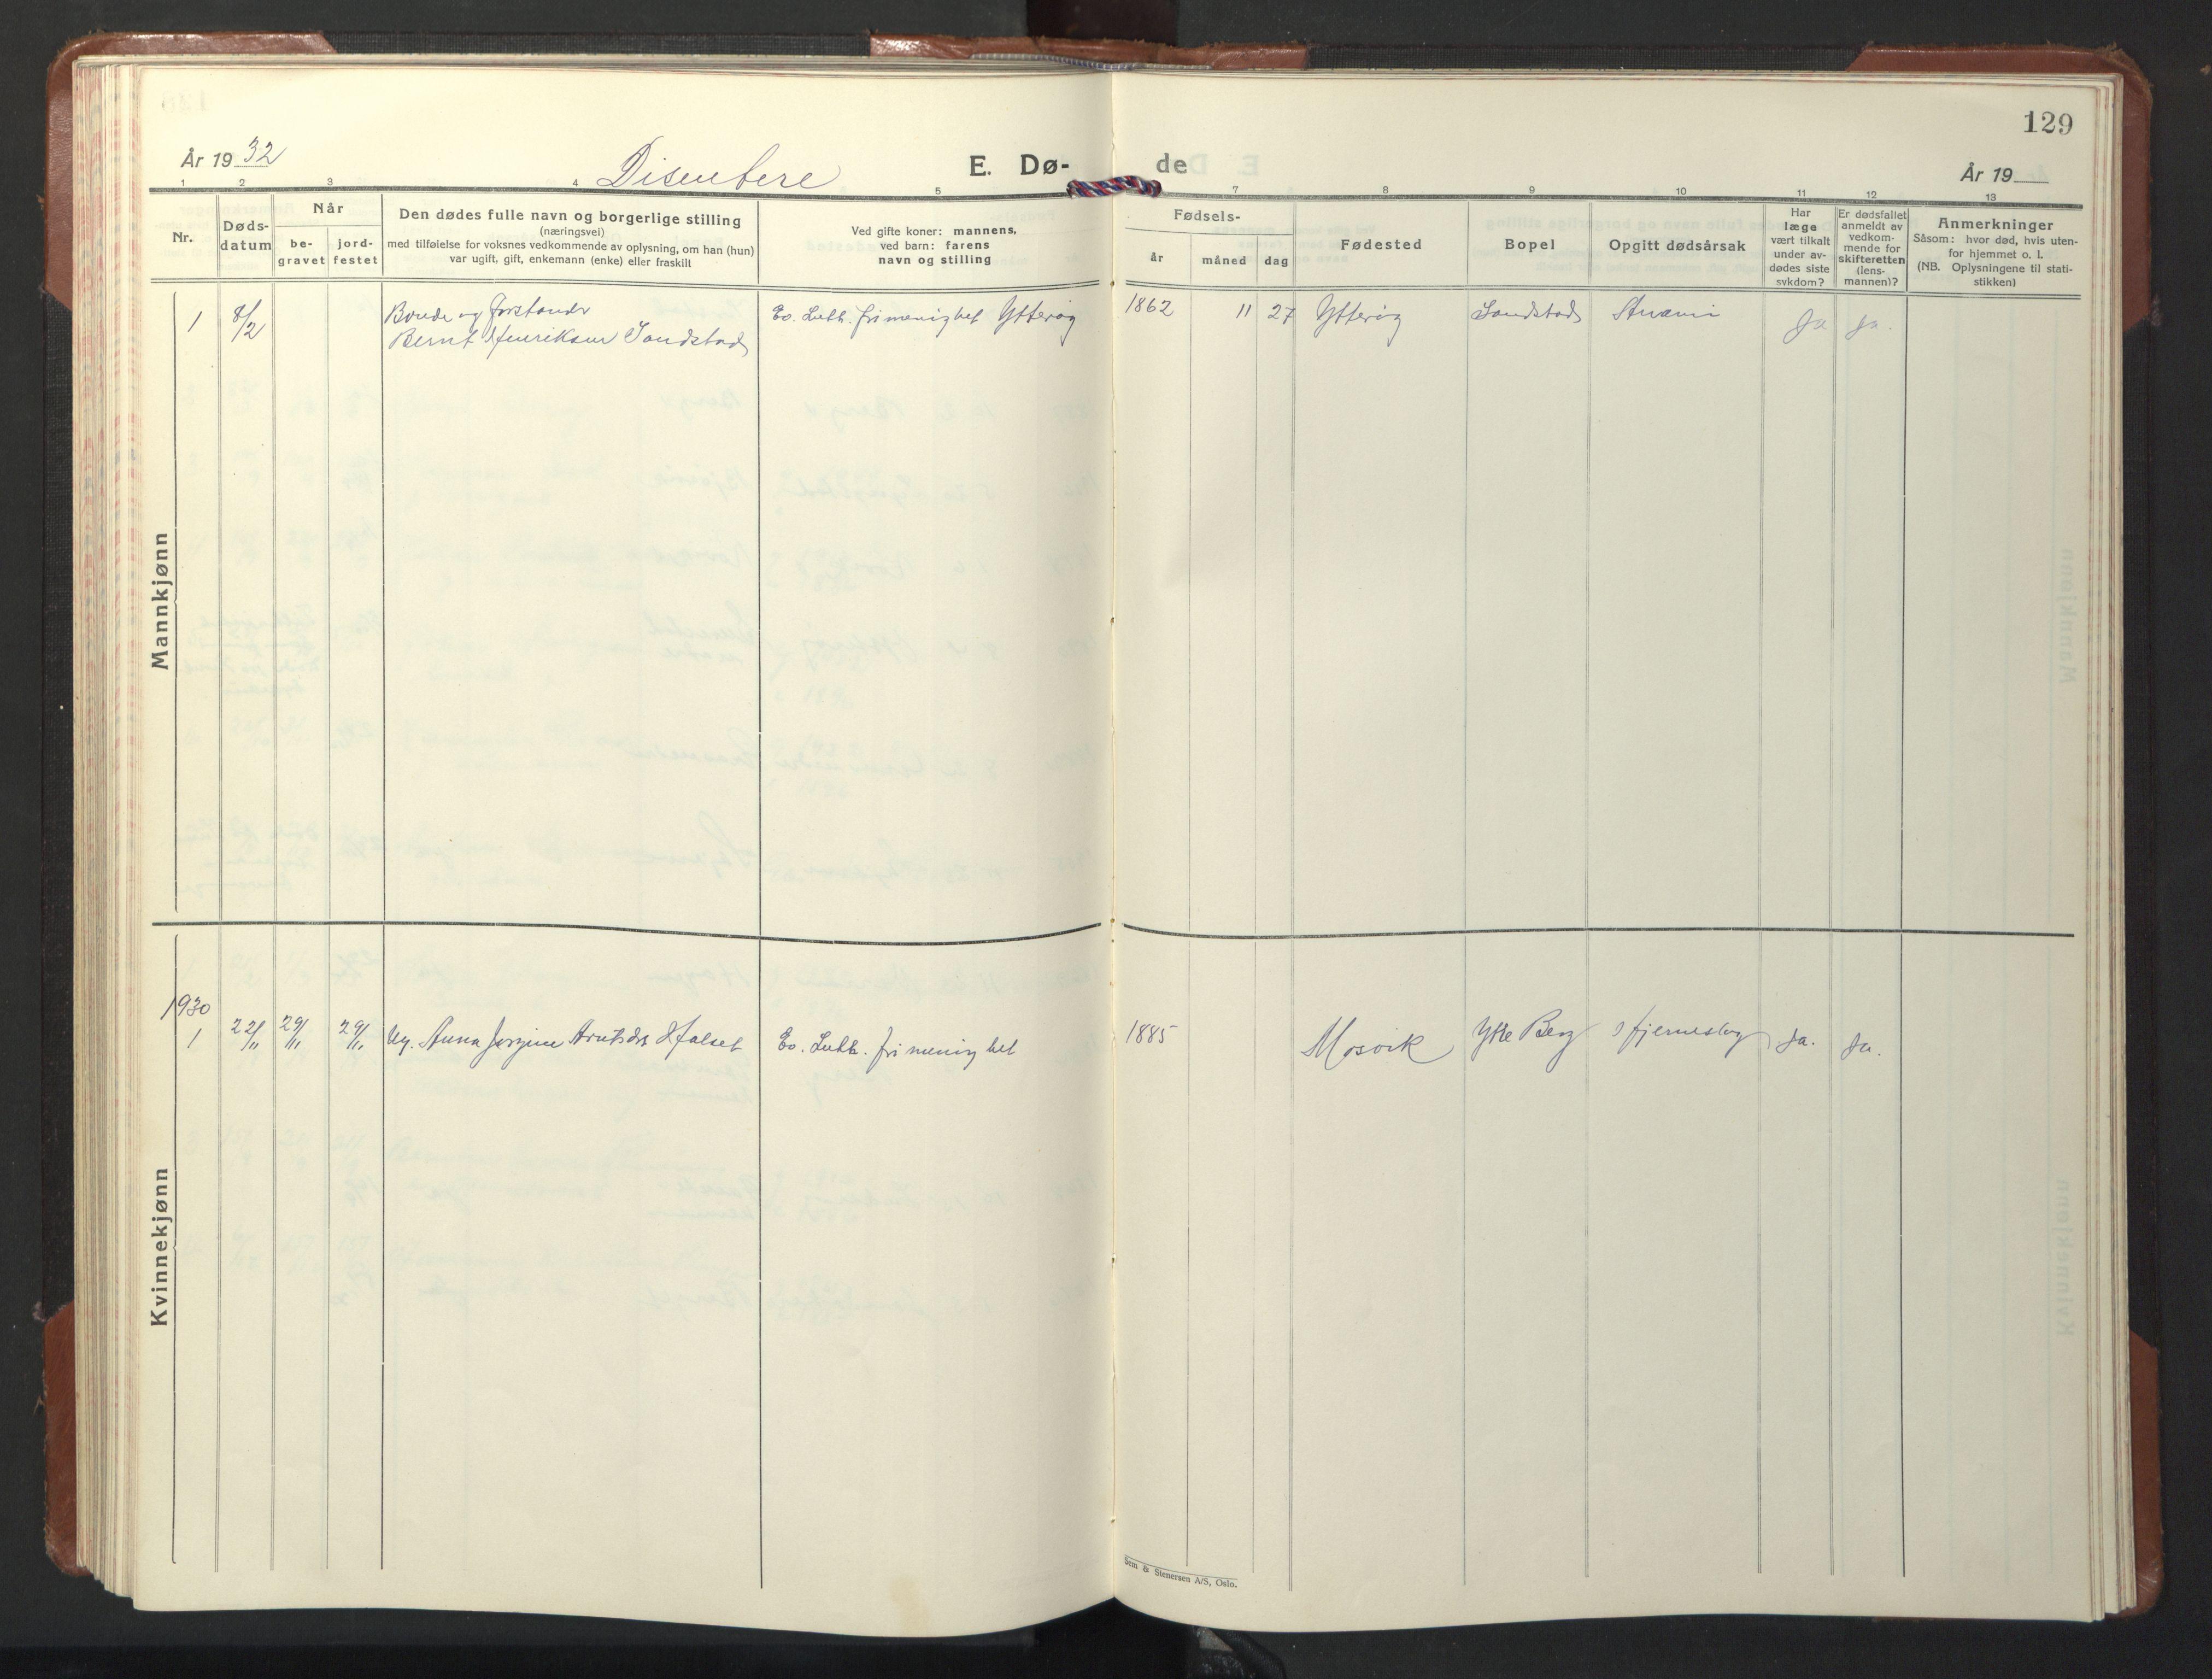 SAT, Ministerialprotokoller, klokkerbøker og fødselsregistre - Nord-Trøndelag, 722/L0227: Klokkerbok nr. 722C03, 1928-1958, s. 129